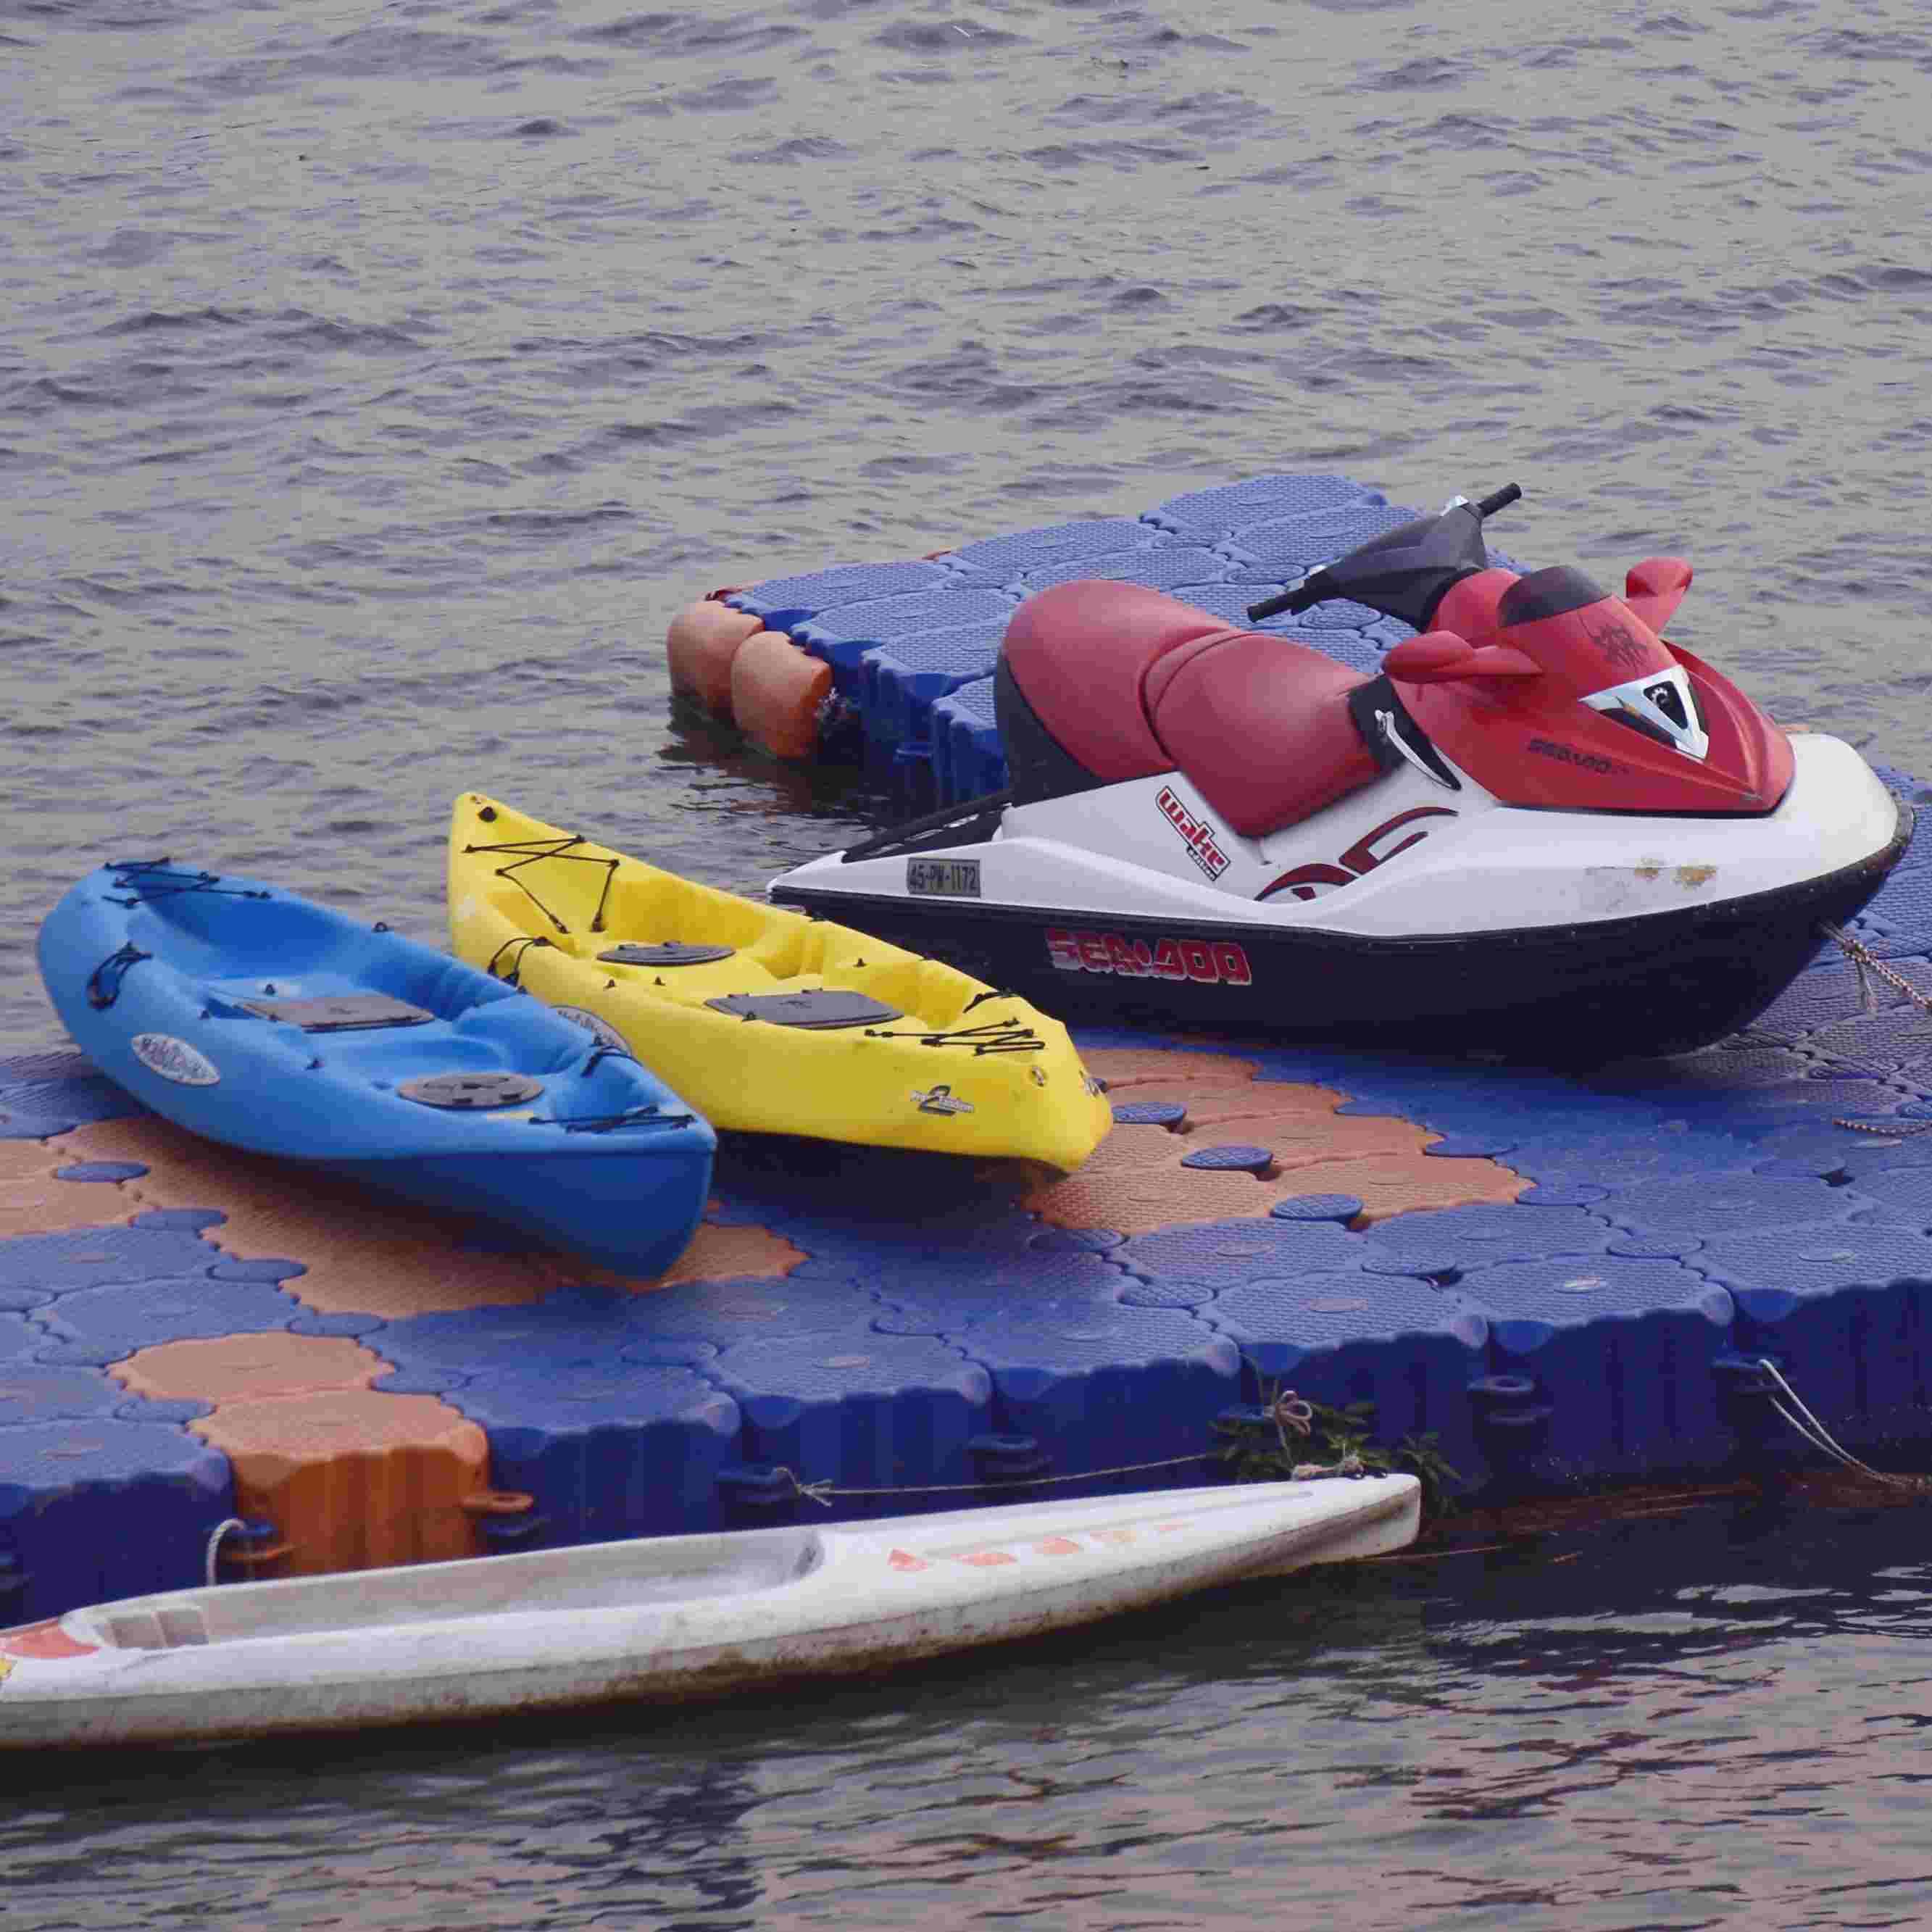 還可以兩個人一起坐上今年新推出,傍晚限定的小艇